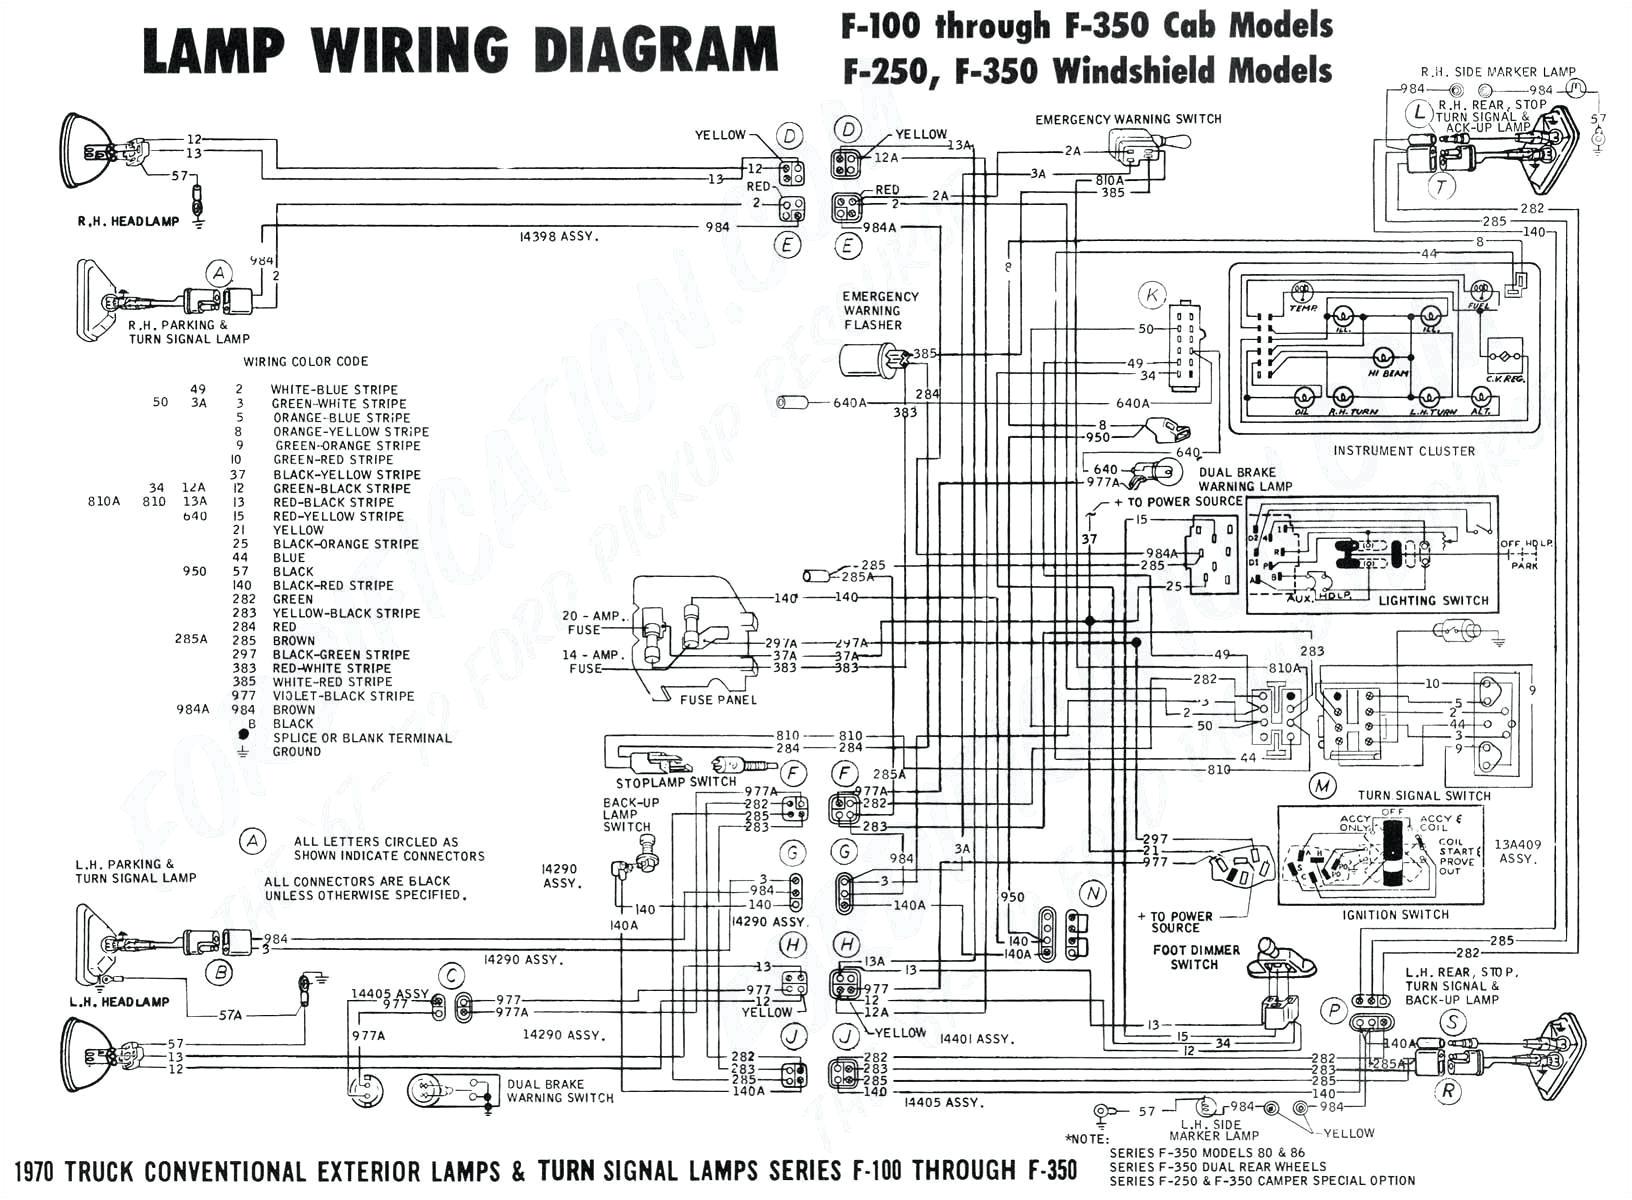 68 Camaro Wiring Diagram 1968 Camaro Wiring Schematic Wiring Diagram Centre